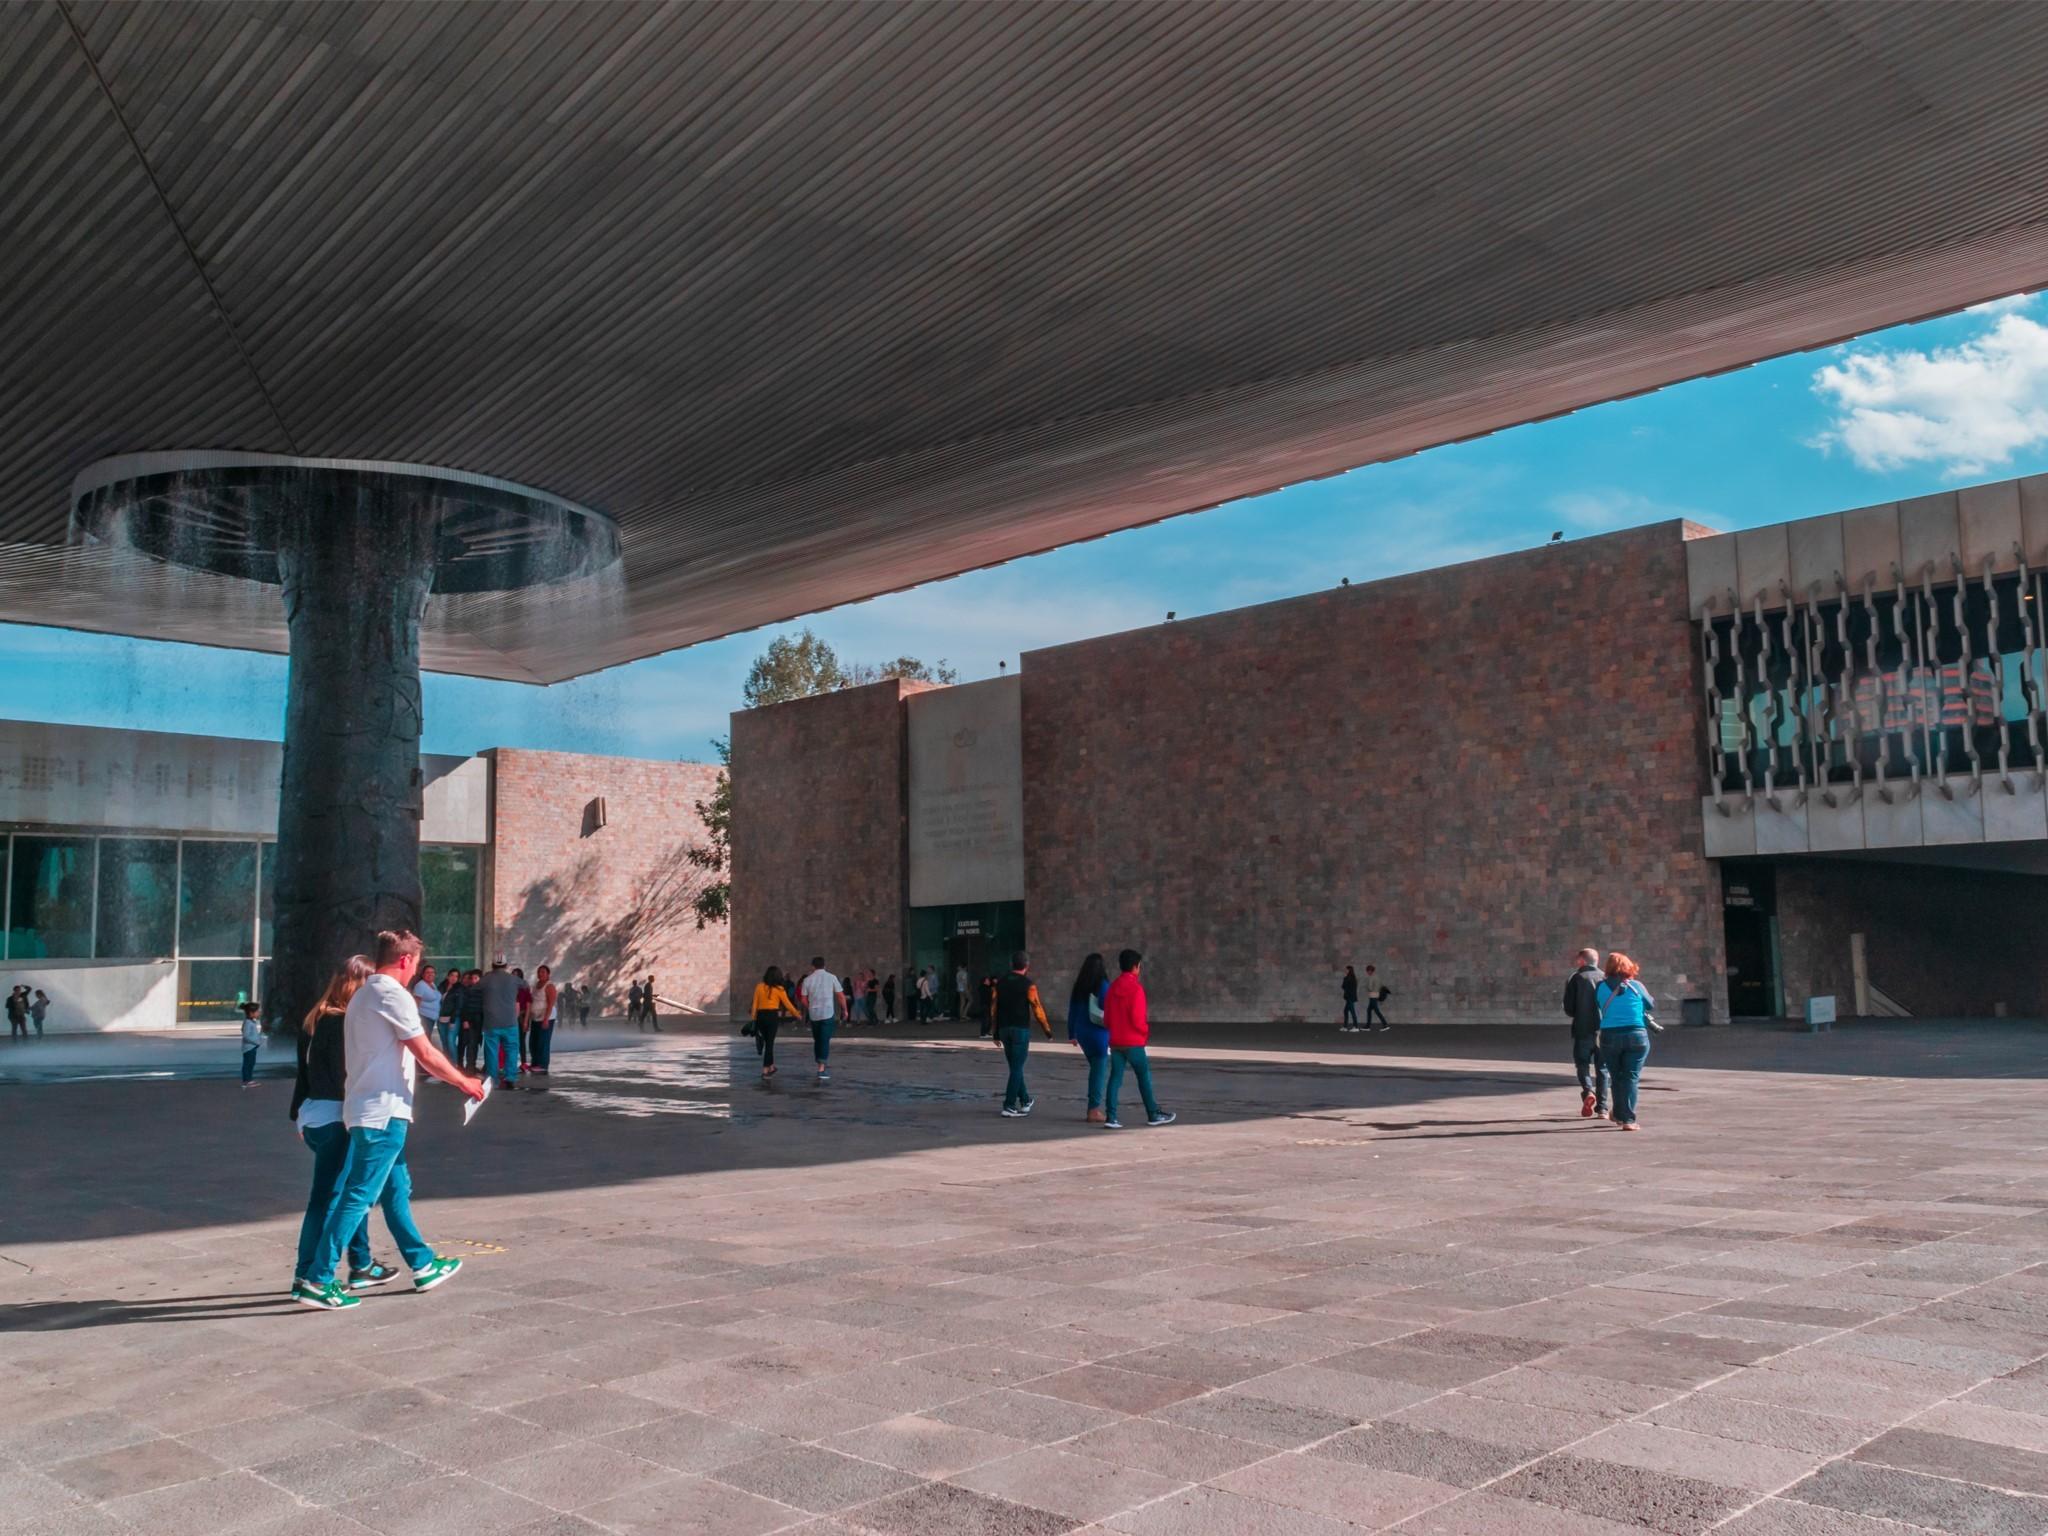 Museos abiertos en vacaciones de verano en la CDMX